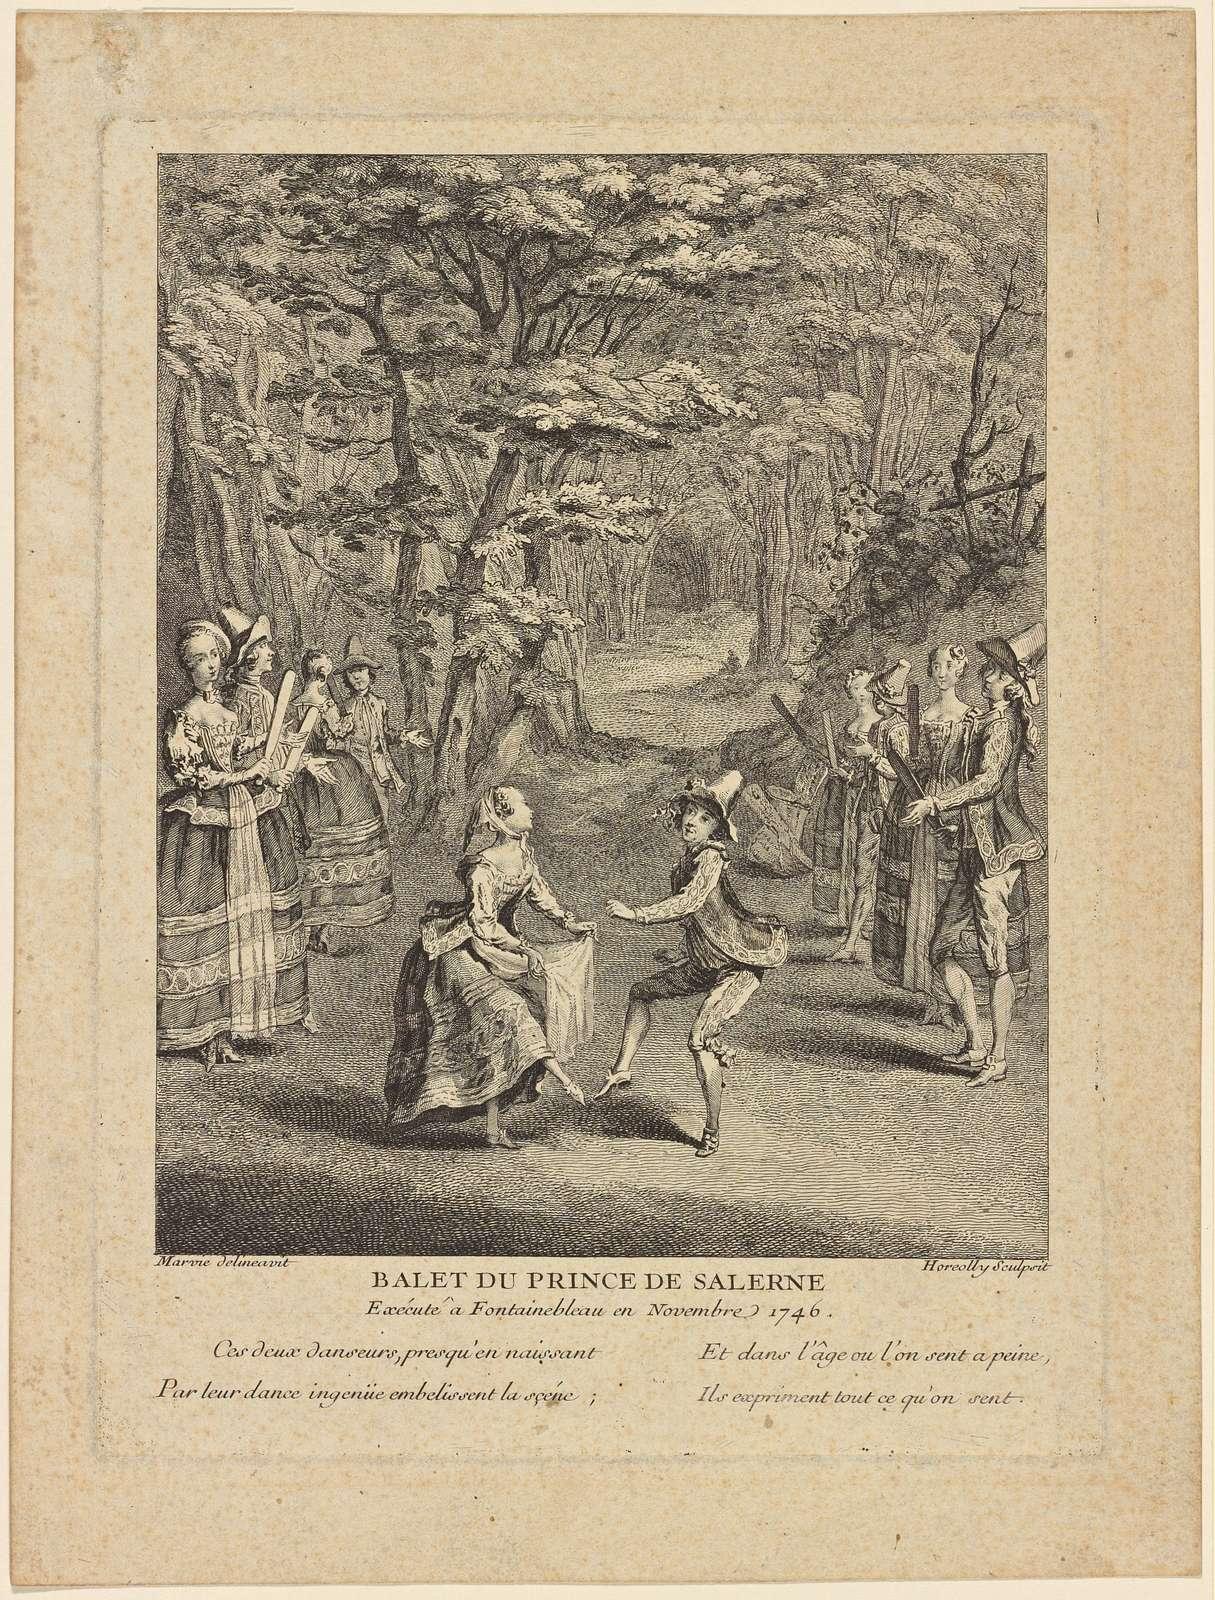 Balet du Prince de Salerne, exécuté à Fontainebleau en novembre 1746